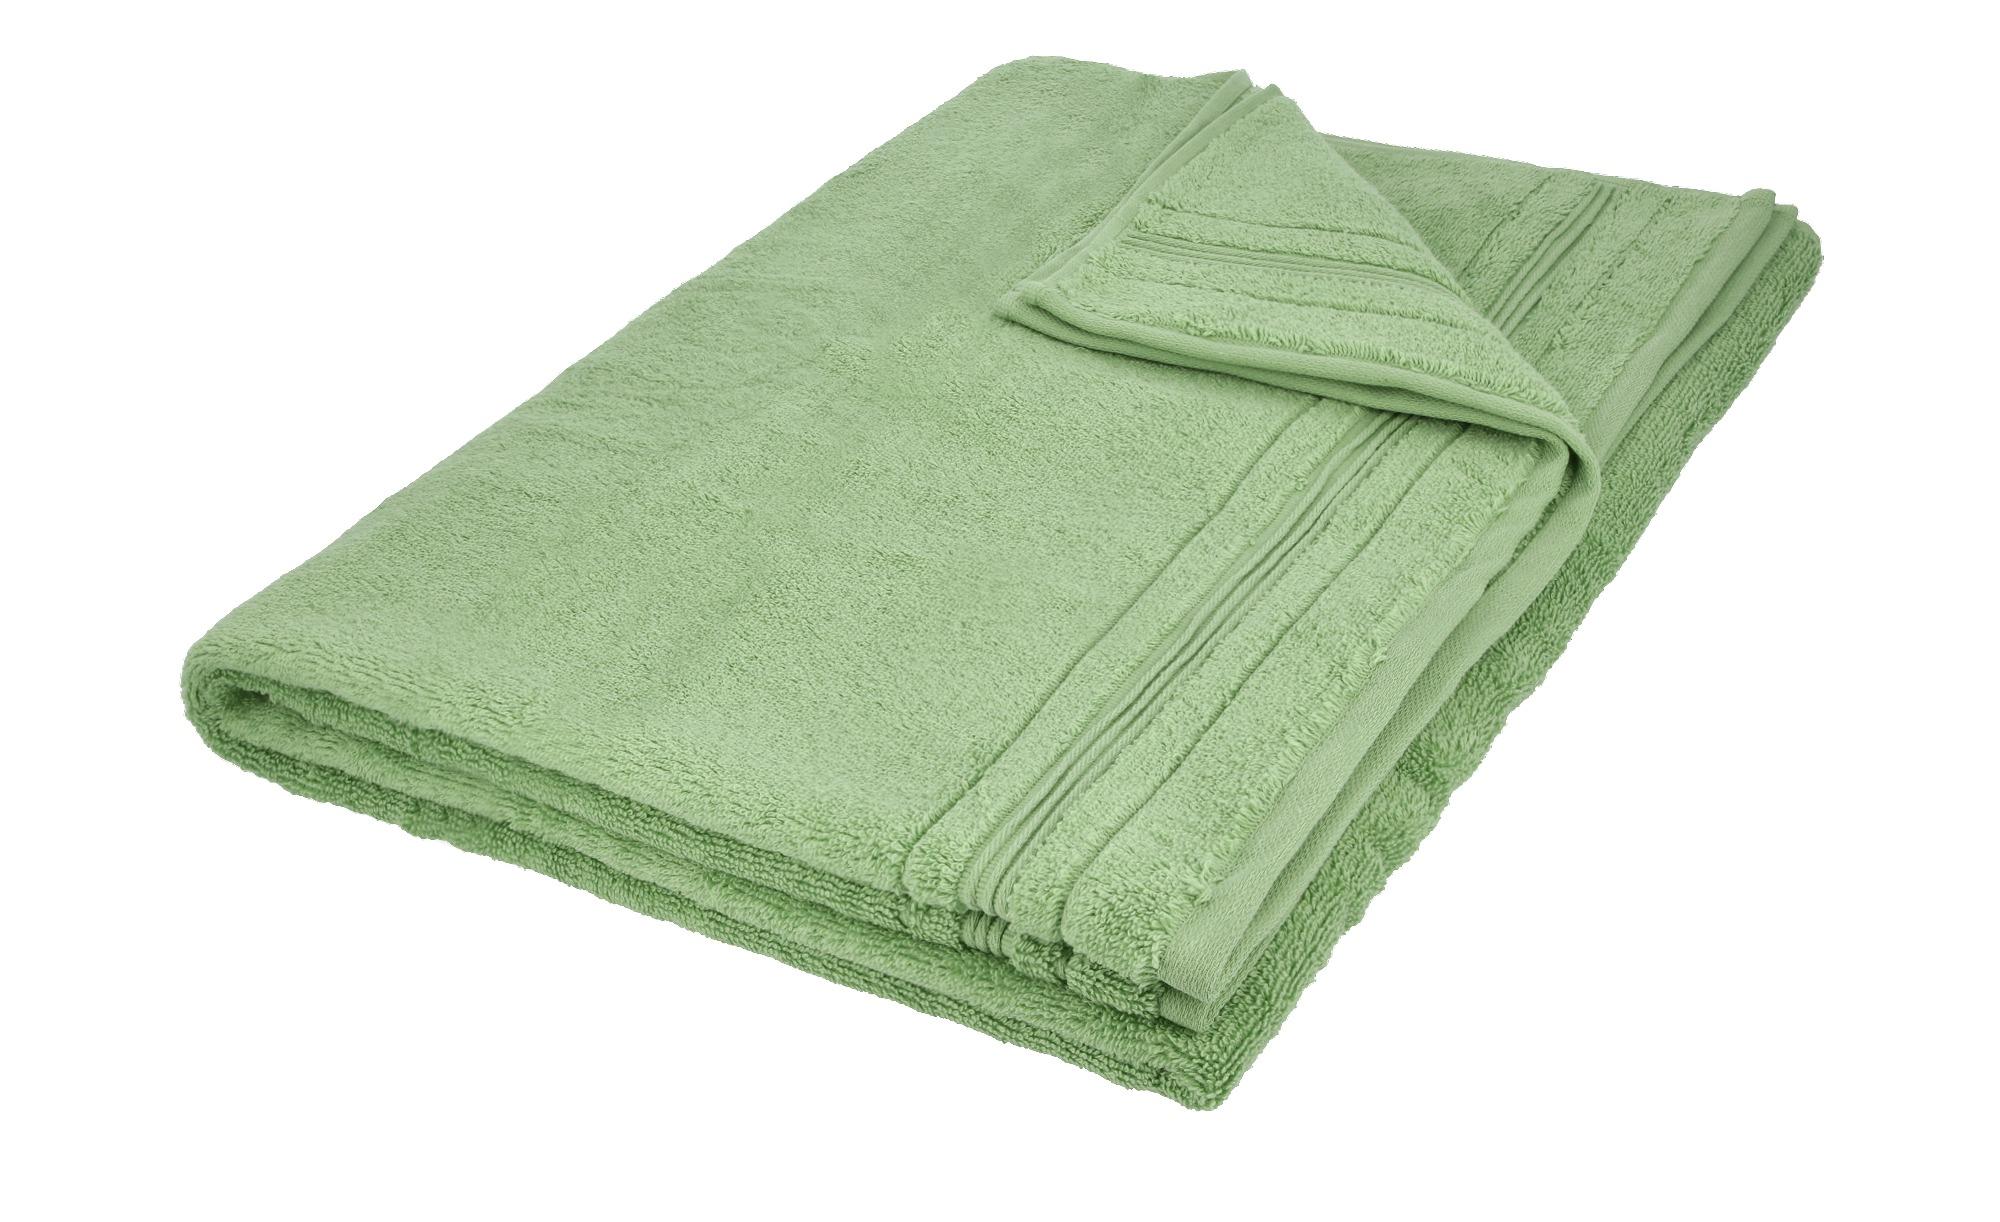 VOSSEN Badetuch  Soft Dreams ¦ grün ¦ 100% Baumwolle ¦ Maße (cm): B: 100 Badtextilien und Zubehör > Handtücher & Badetücher > Badetücher & Saunatücher - Höffner